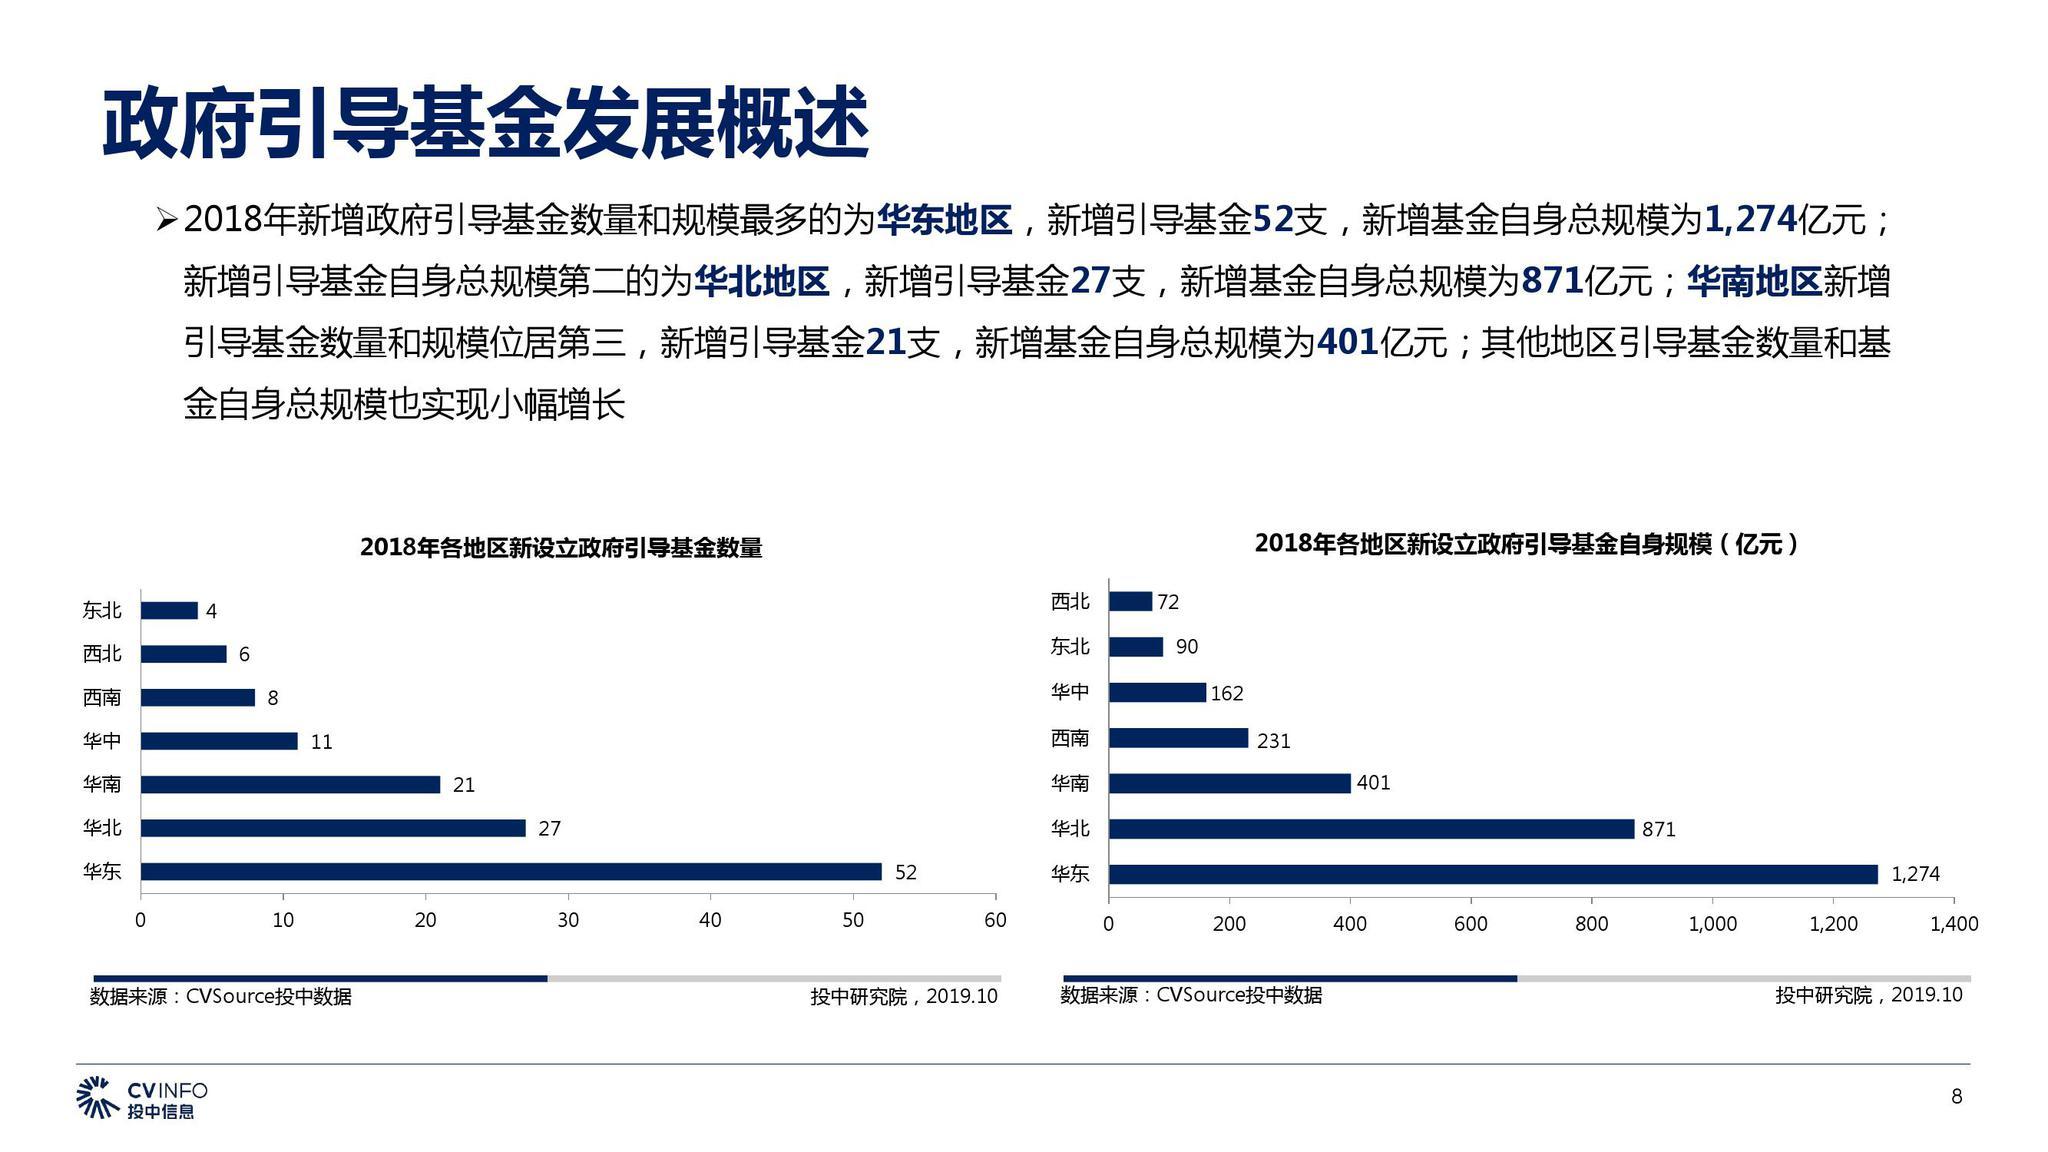 投中研究院:2019中國政府引導基金專題報告|專題報告_新浪科技_新浪網